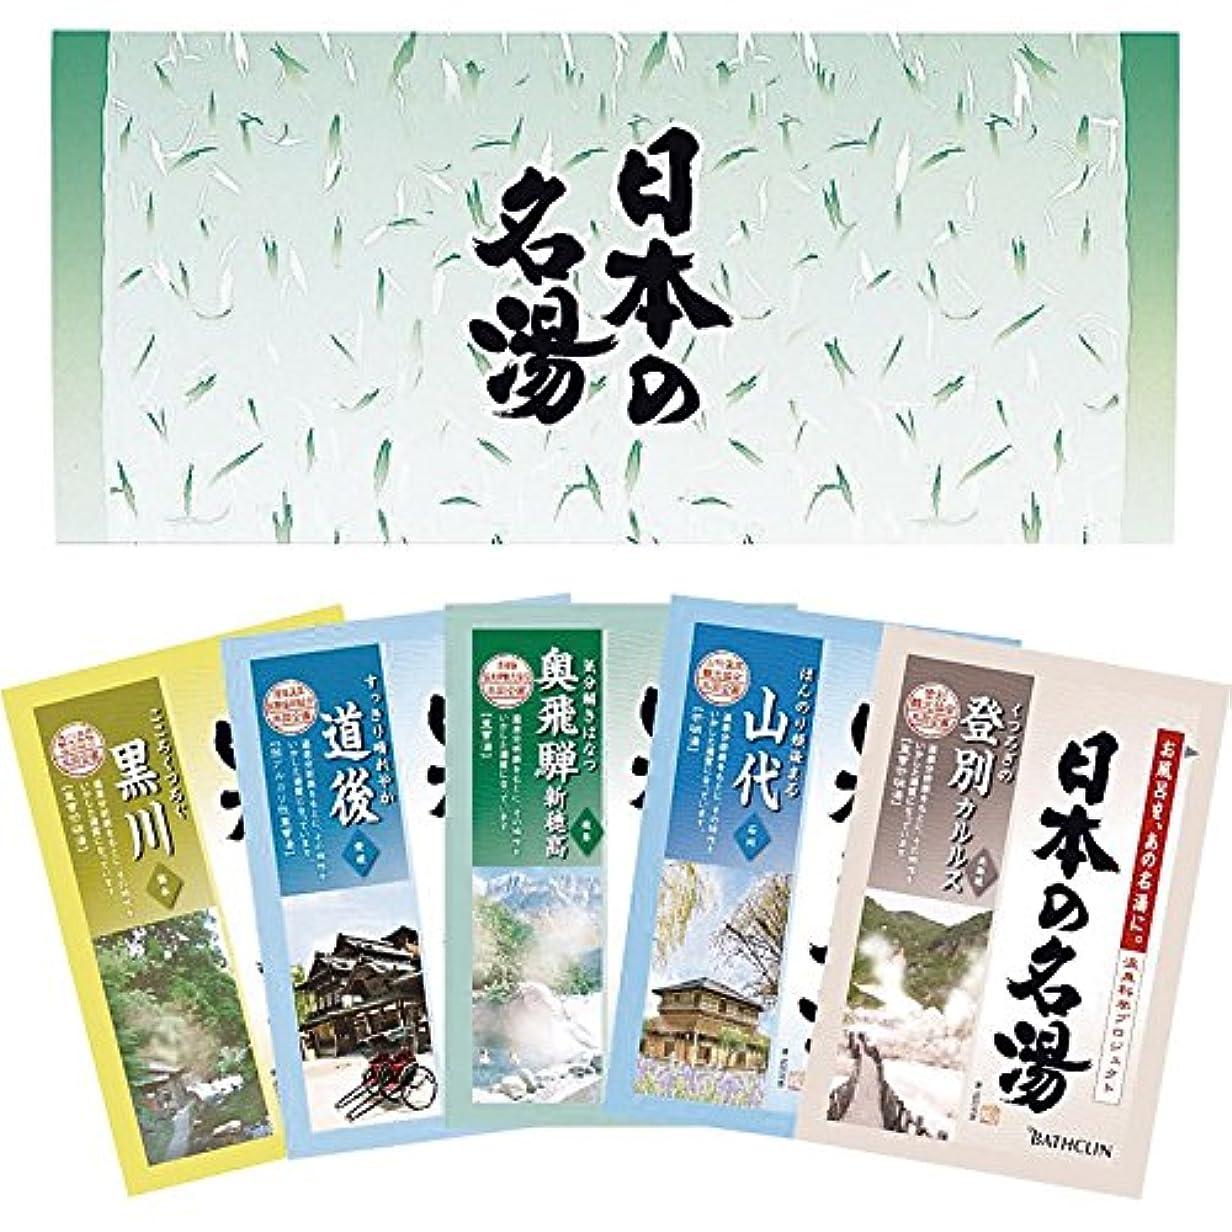 バスクリン 日本の名湯 5包セット OT-3D 【洗面所 入浴剤 温泉 薬用 5袋 リラックス おふろ バスグッズ】